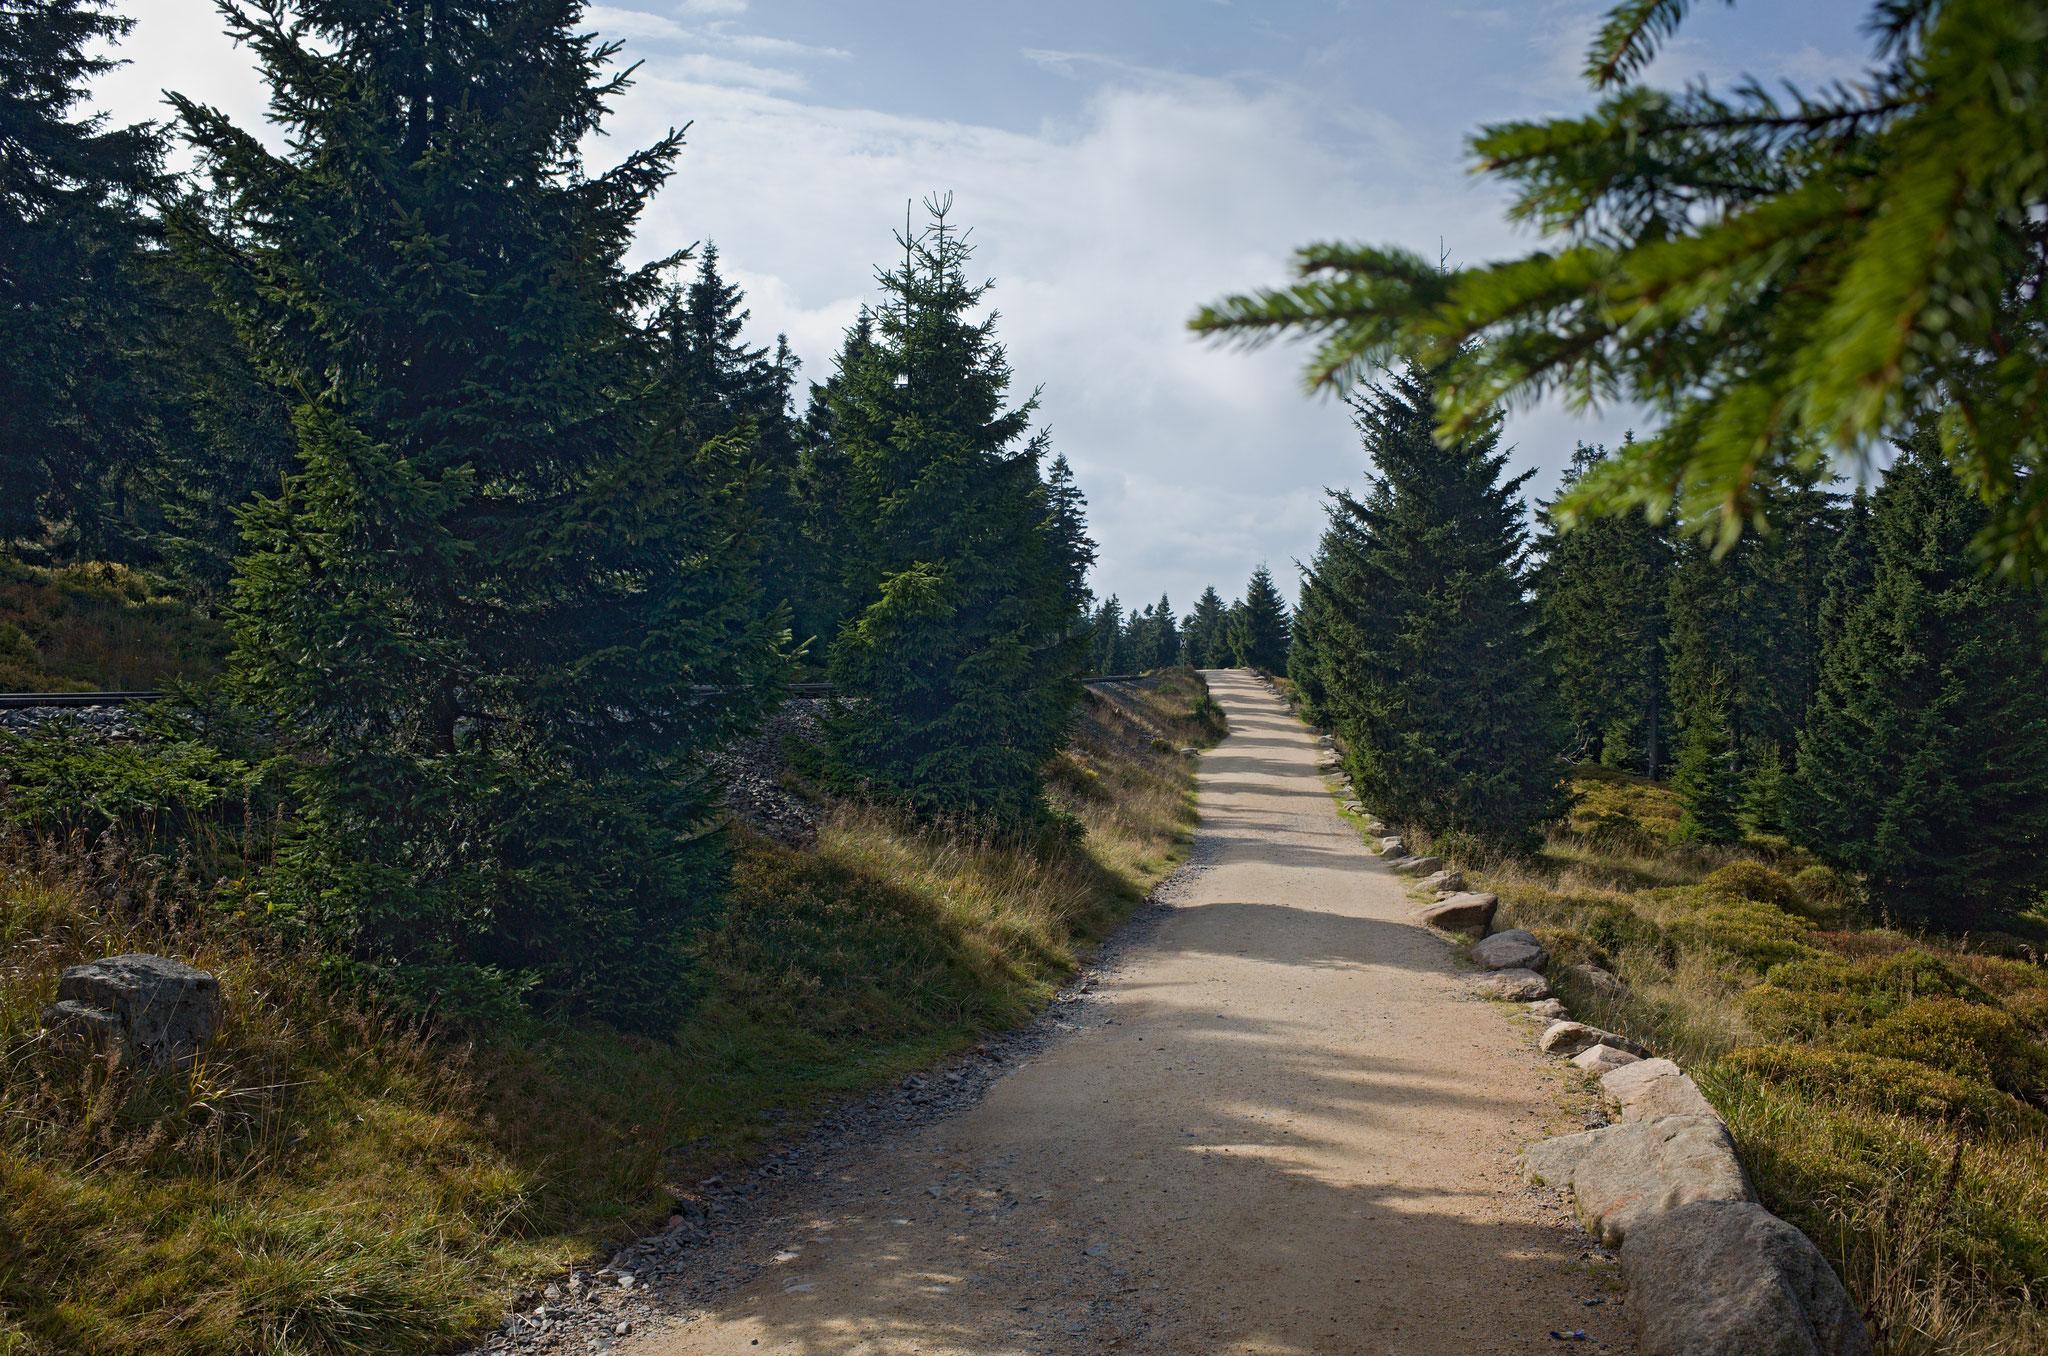 Harzüberquerung vom 24.09.-29.09.2017: Weg nach Torfhaus